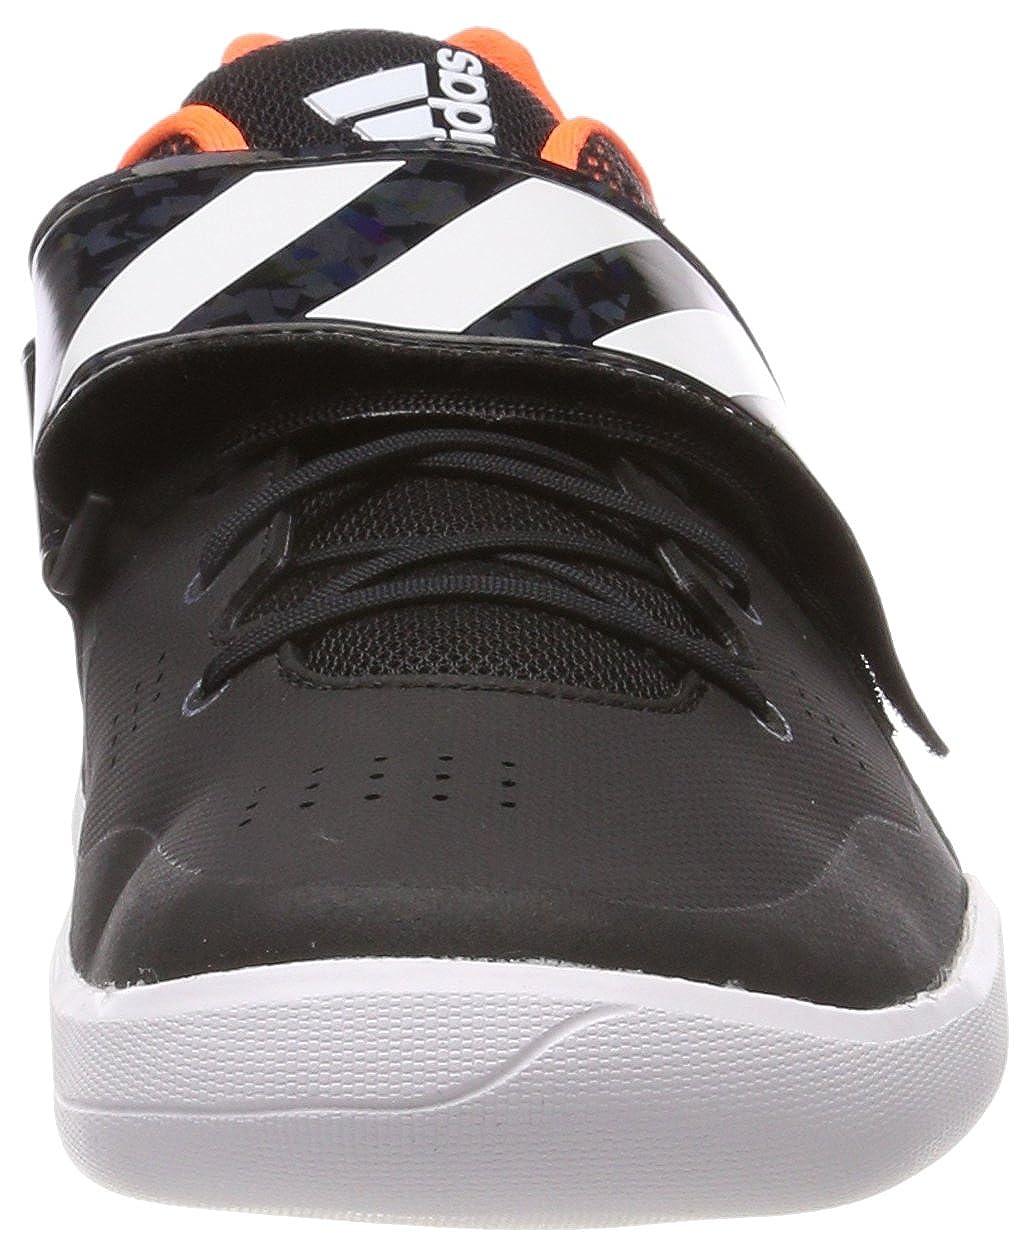 buy online c0ef4 edeec adidas Adizero DiscusHammer, Zapatillas de Deporte Unisex Adulto  Amazon.es Zapatos y complementos